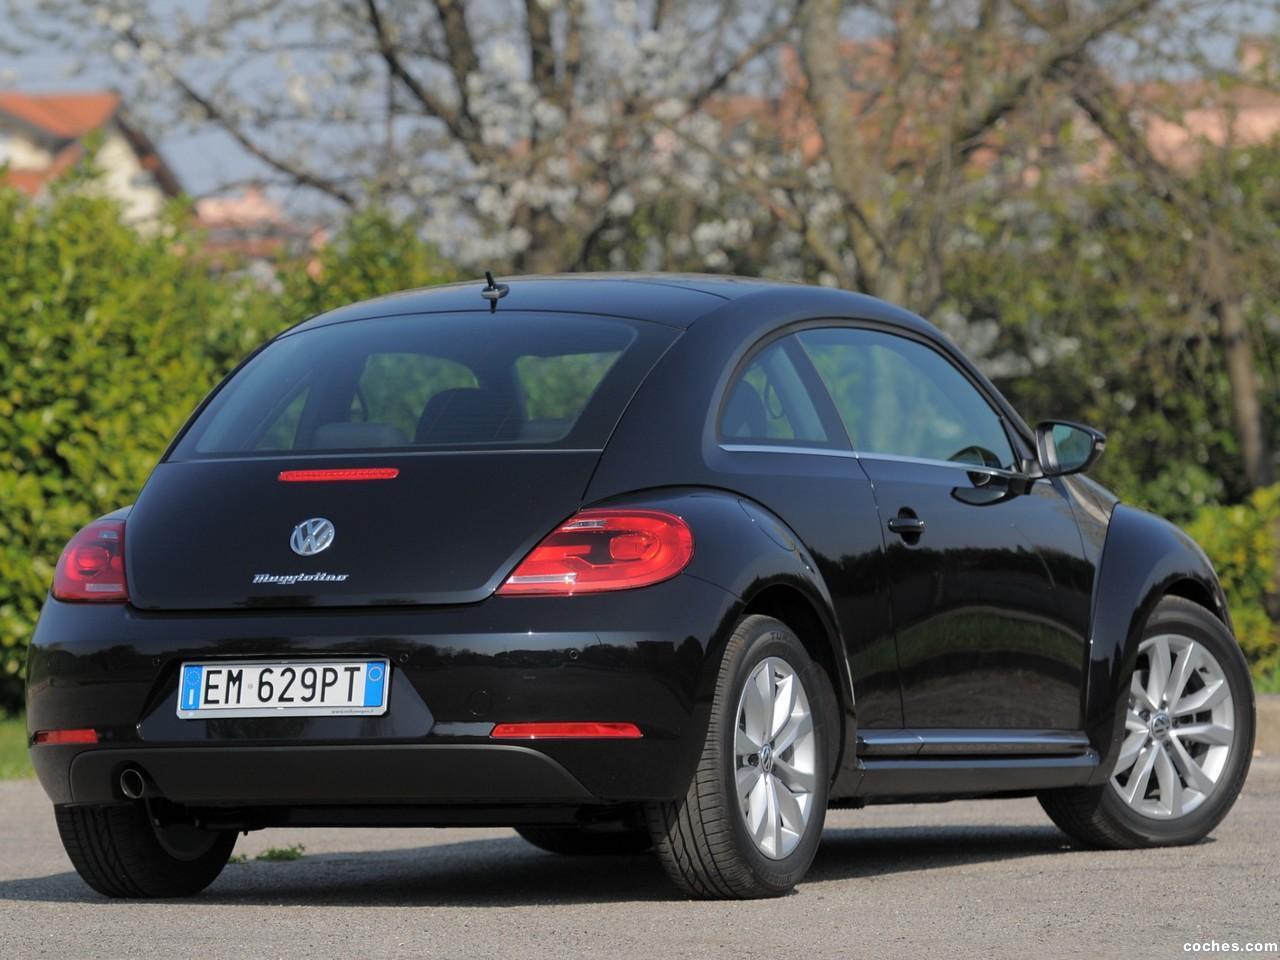 Foto 7 de Volkswagen Maggiolino 2012